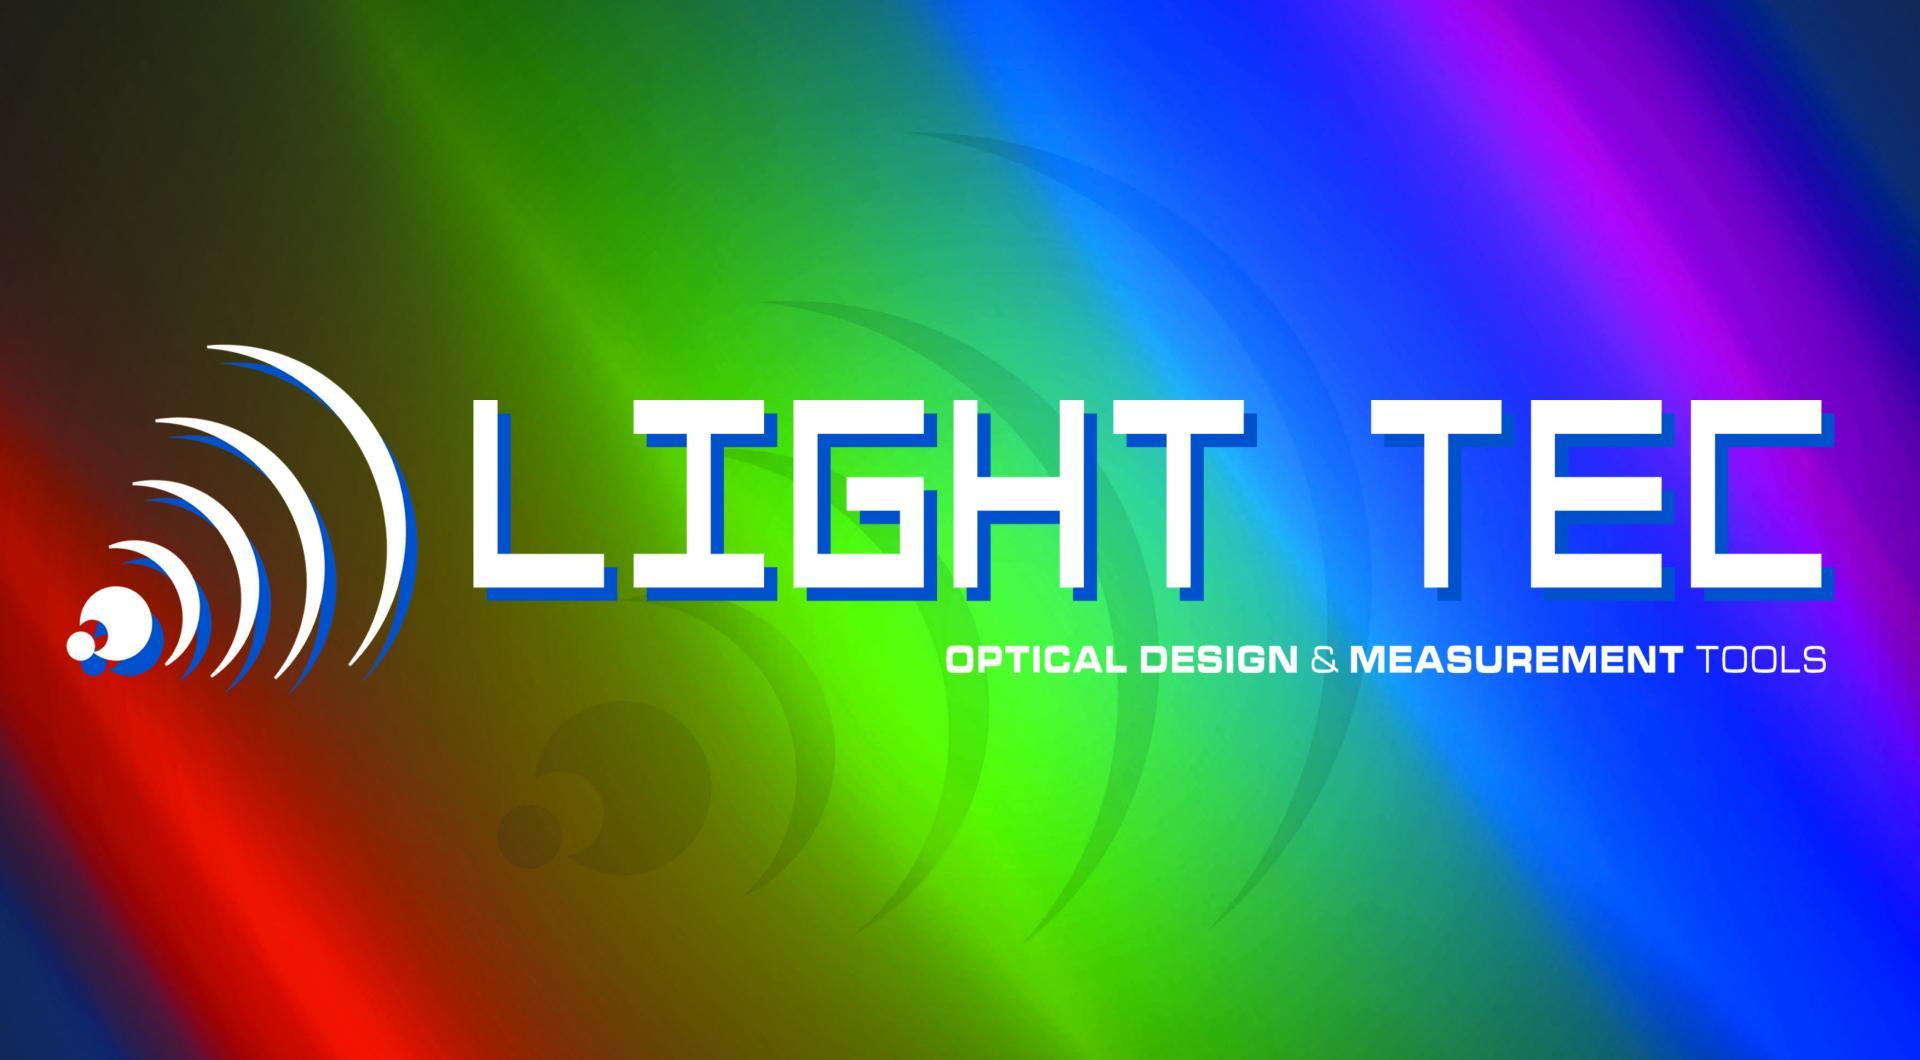 Lighttec